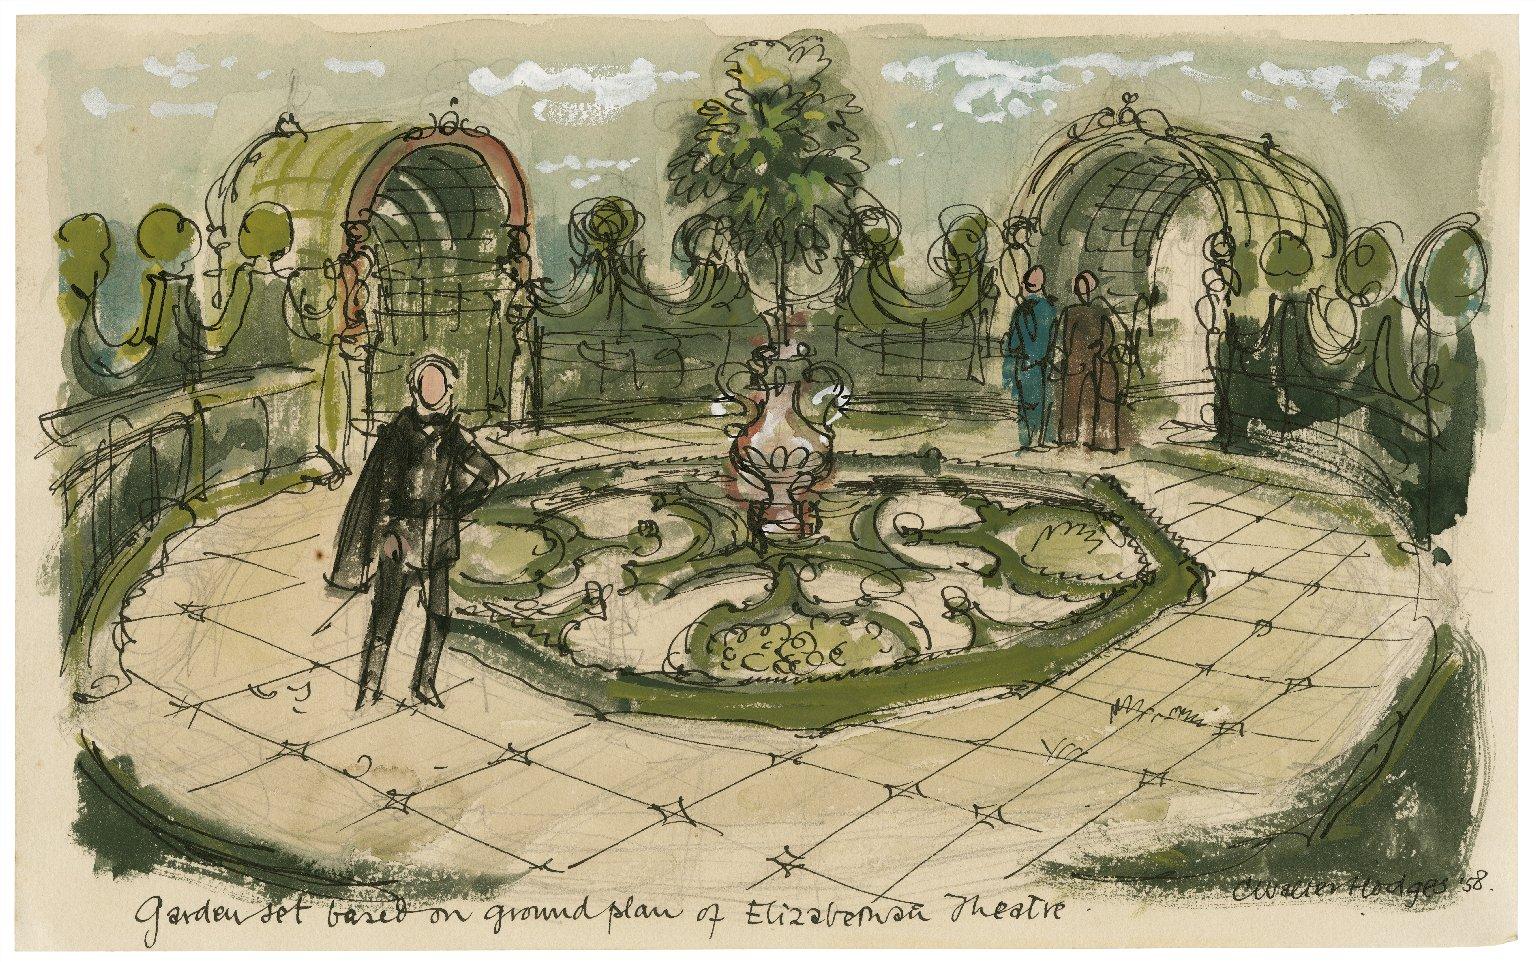 Hamlet, garden setting based on plan of Elizabethan theater